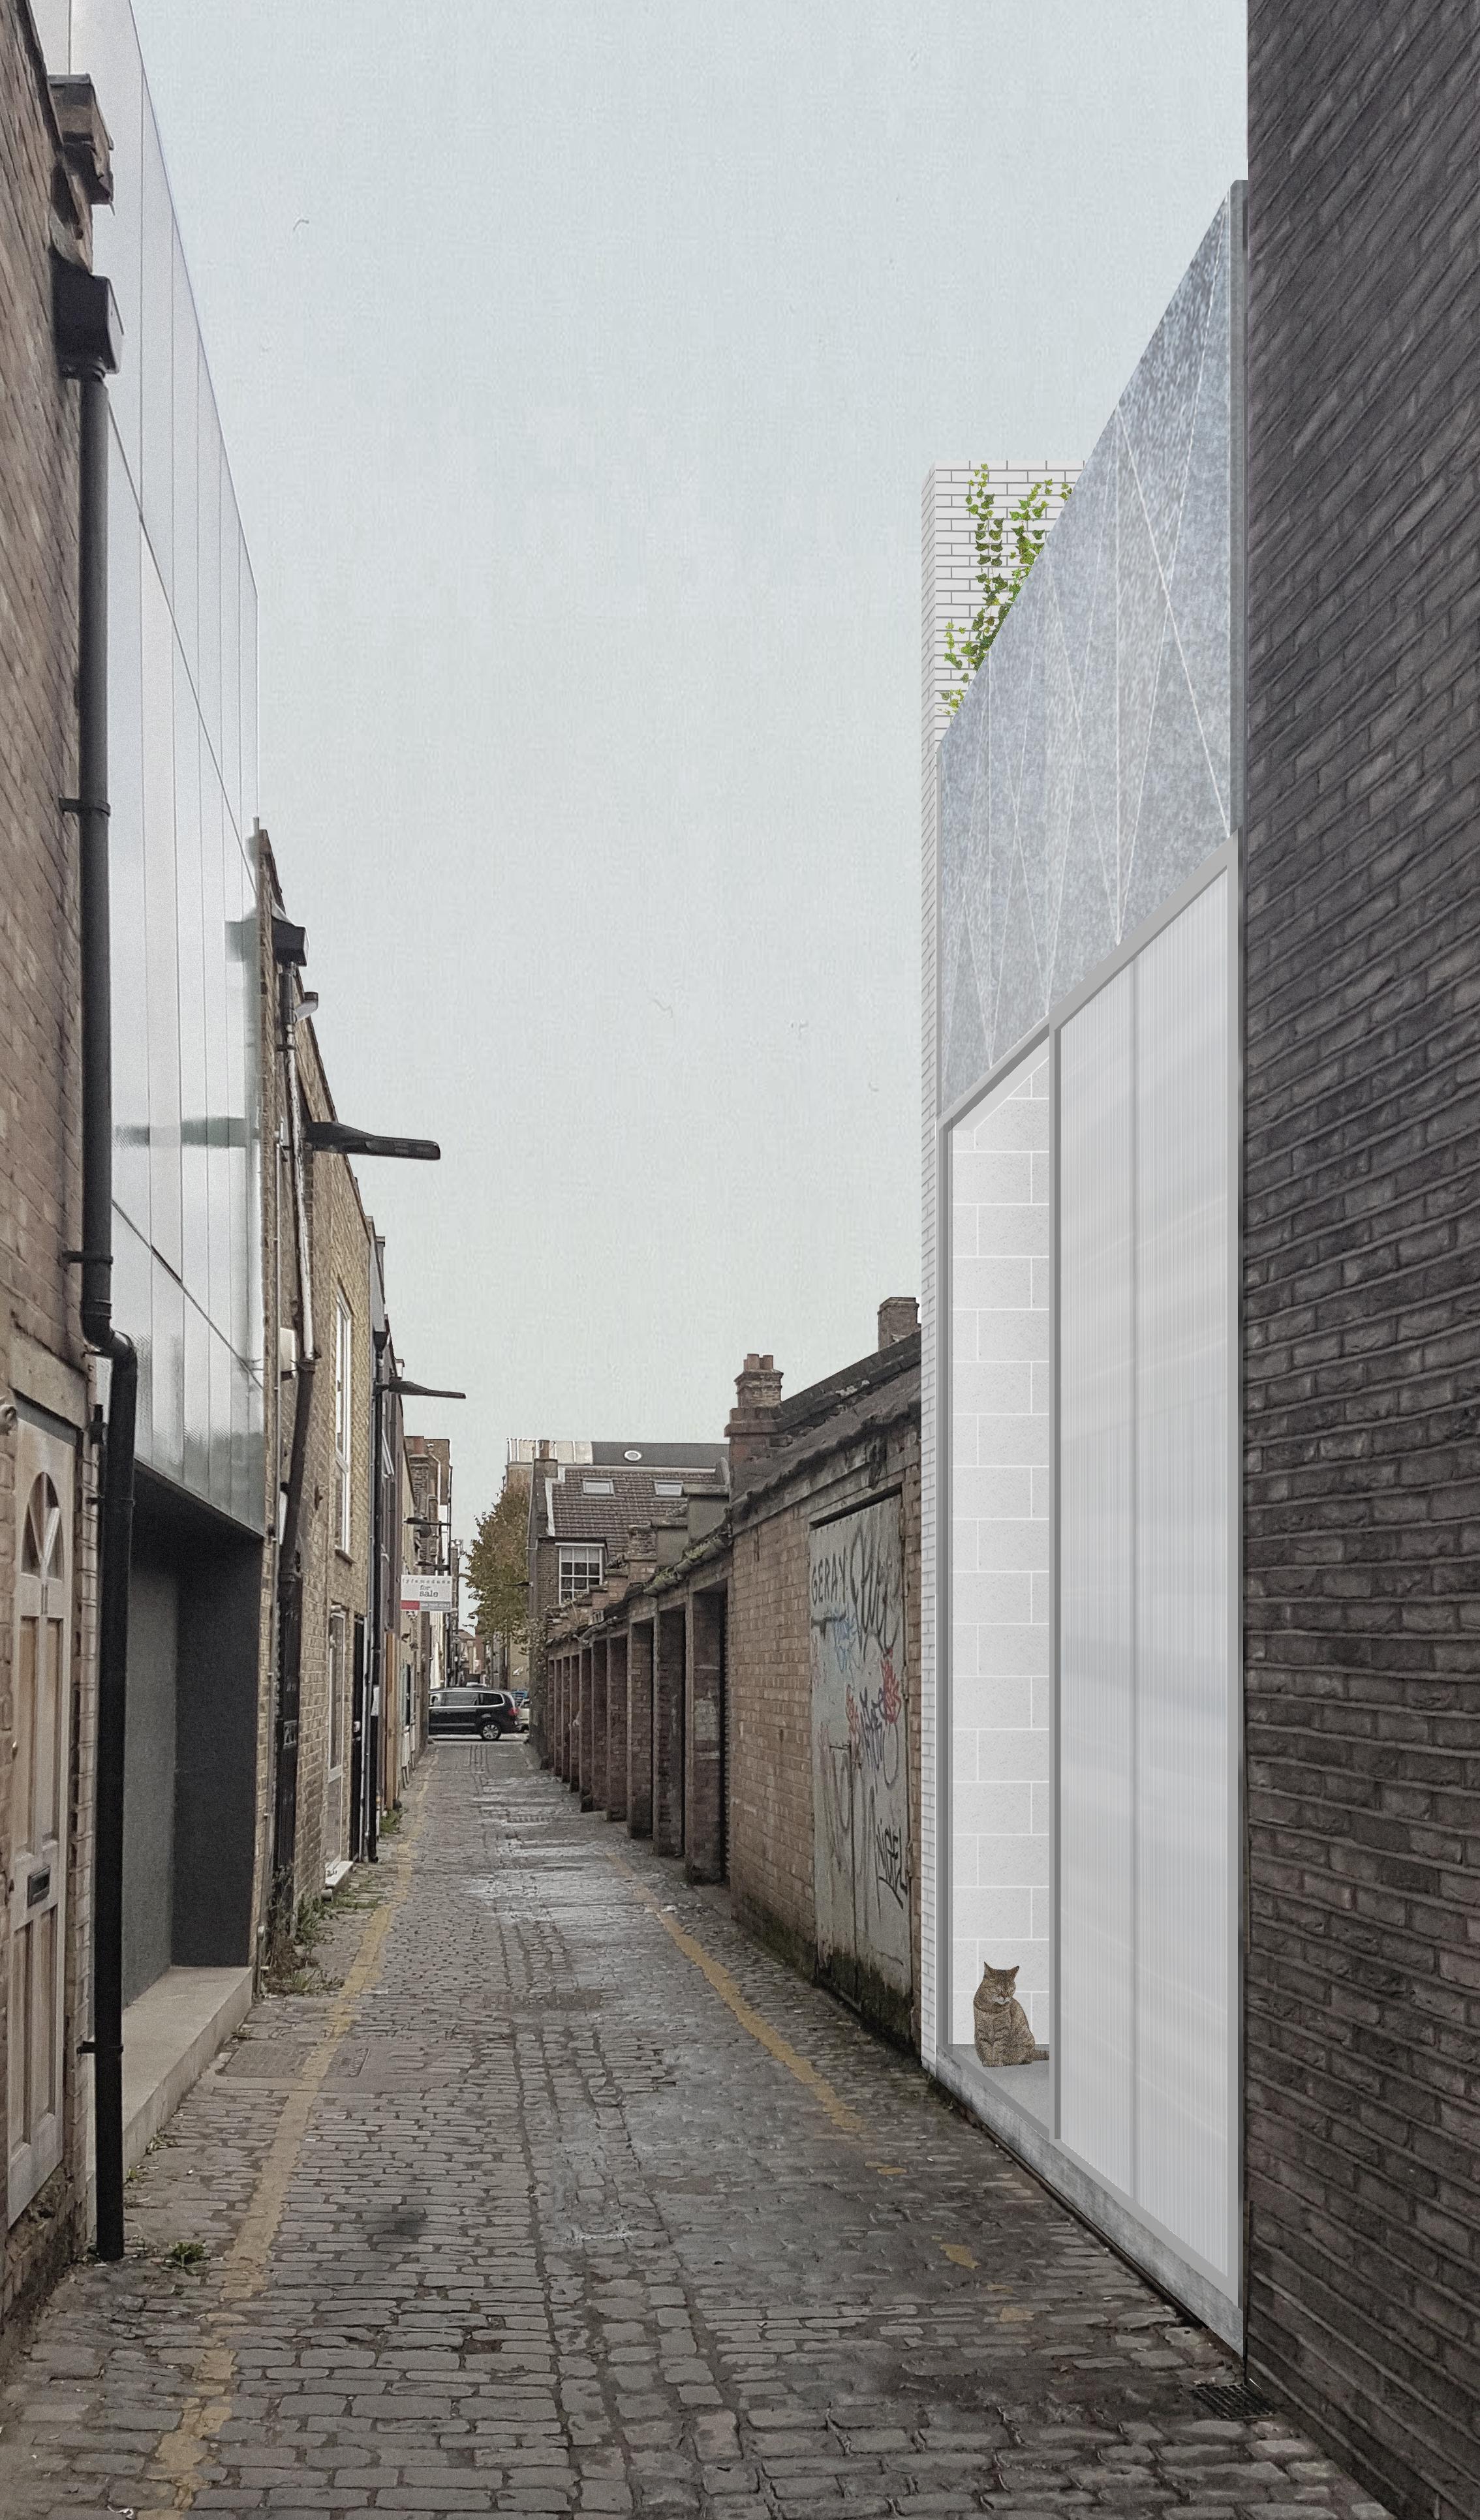 MOCT_smallhouse_vossstreet_Street view.jpg